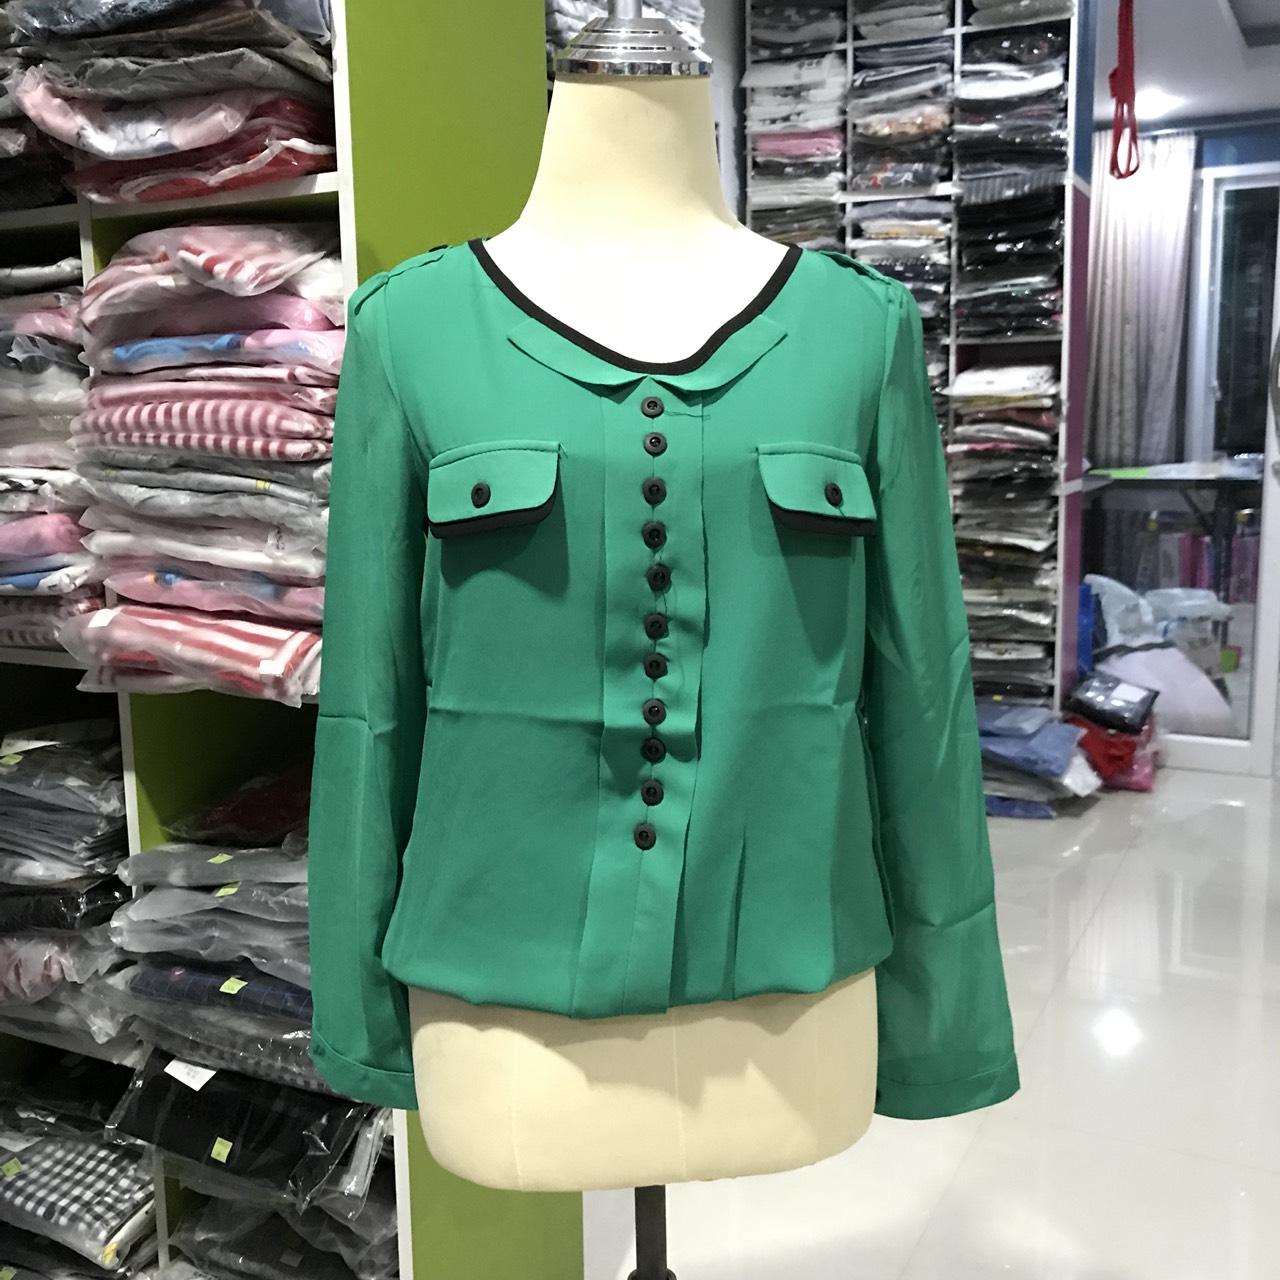 เสื้อแฟชั่น คอวี แขนยาว แต่งกระดุม สีเขียว